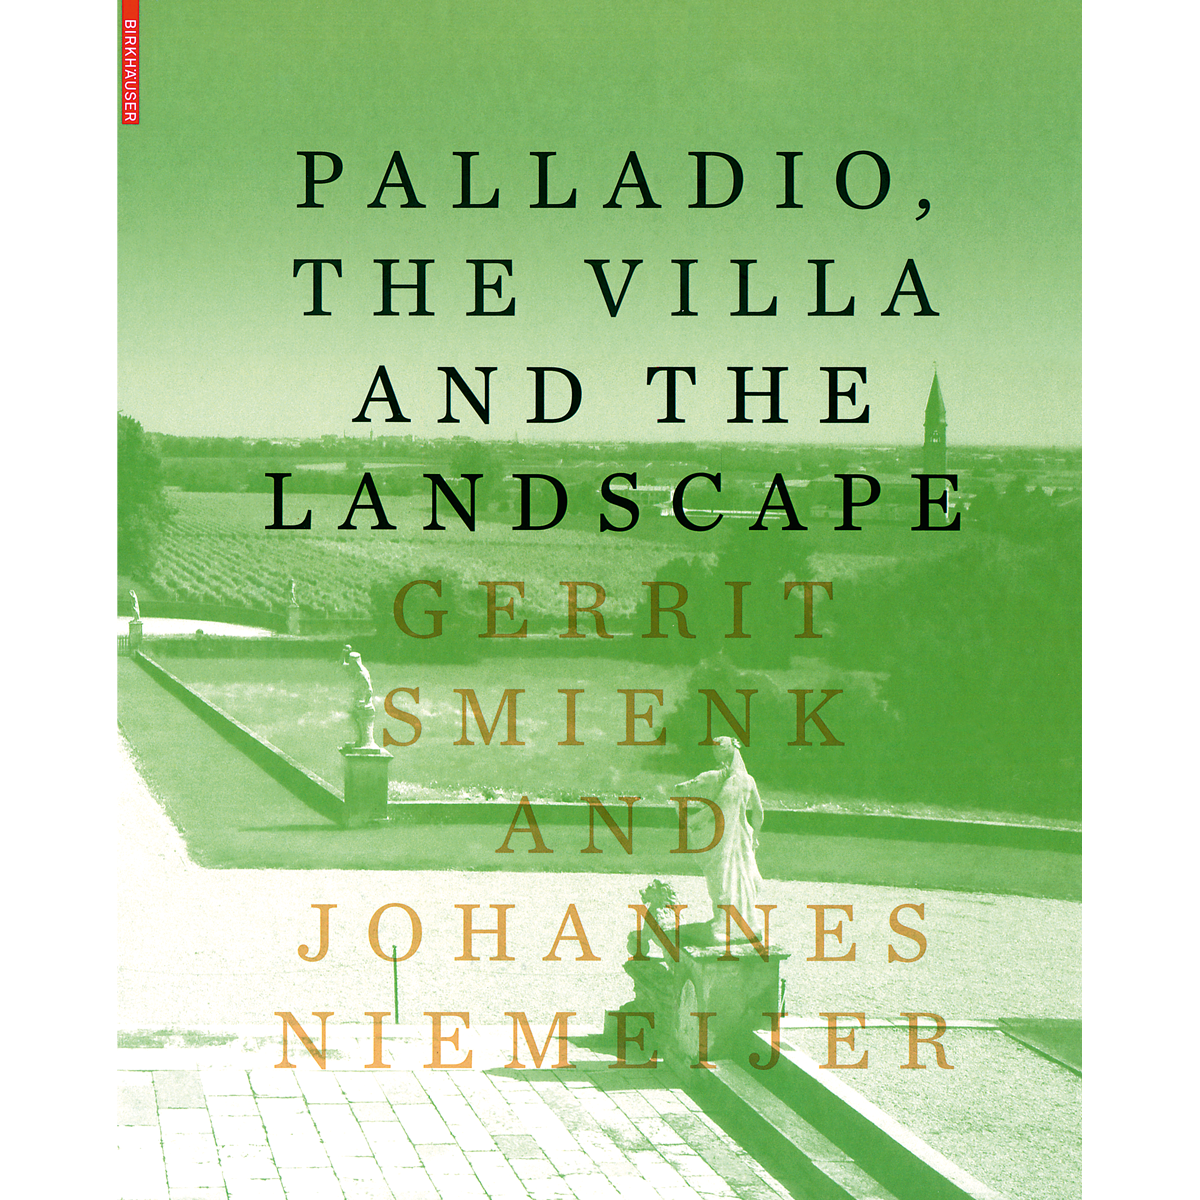 Palladio, the Villa and the Landscape